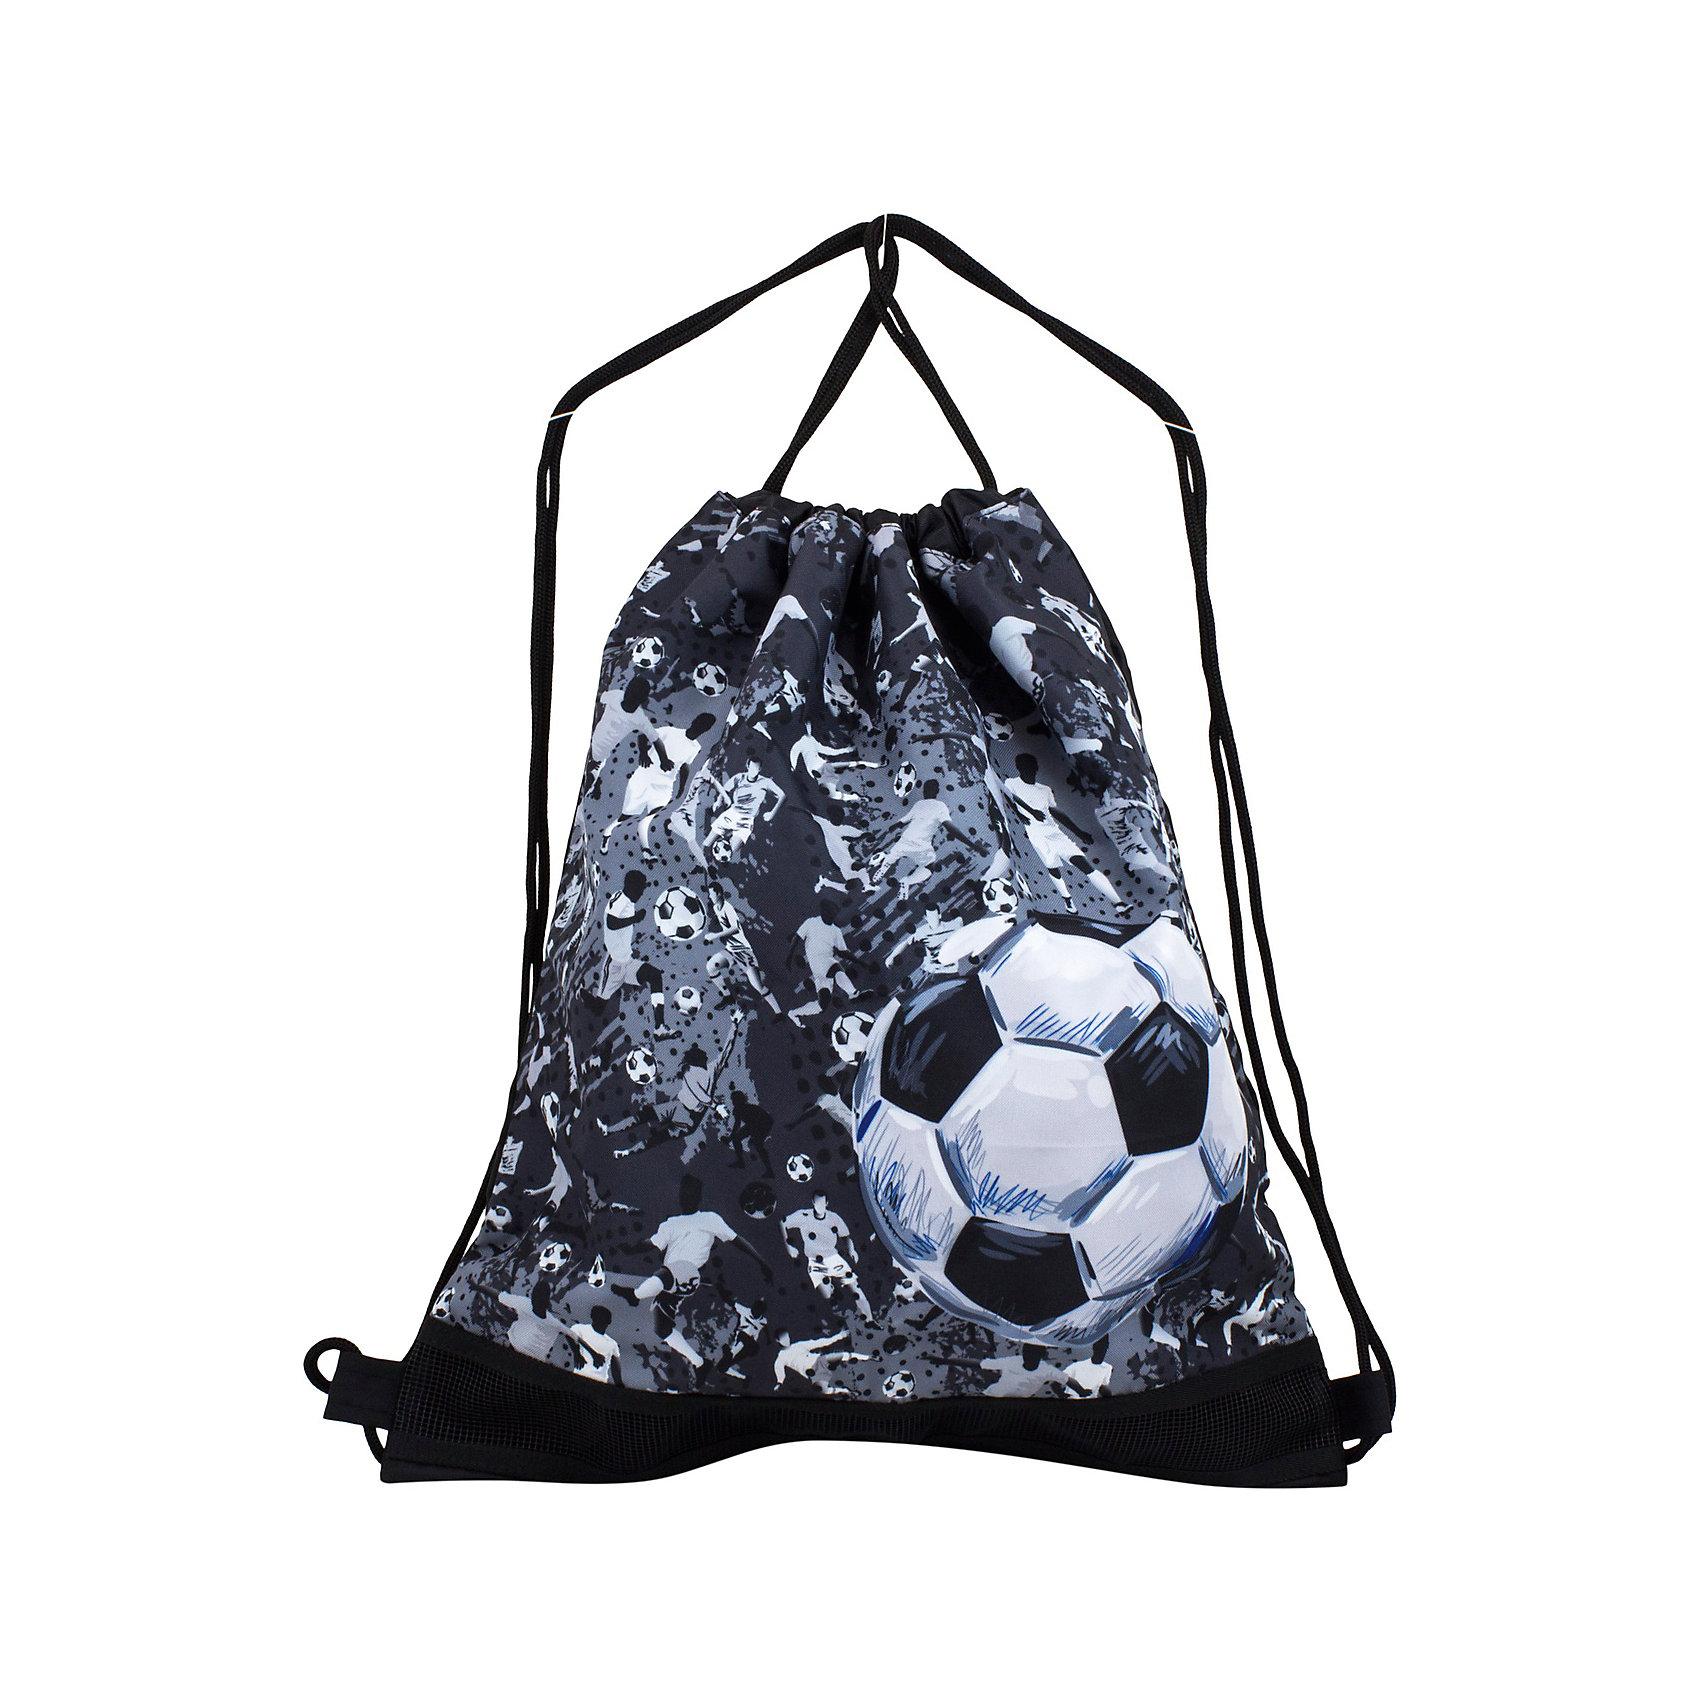 Мешок DeLune S-123Мешки для обуви<br>Характеристики:<br><br>• цвет: серый;<br>• возраст от: 3 лет;<br>• принт:футбольный мяч;<br>• особенности: двойная строчка, одно отделение, сетка для вентиляции;<br>• вид застежки: шнурок;<br>• материал: полиэстер;<br>• размер: 41х43,5 см.;<br>• вес: 130 гр;<br>• страна бренда: Франция;<br>• страна производитель: Китай.<br><br>Мешок для обуви De Lune (Де Луне) S-123  - стильный и практичный аксессуар, предназначен для аккуратного хранения и транспортировки обуви на спортивные тренировки, во время туристических походов, командировок и путешествий. Очень удобная и необходимая вещь для каждого школьника. Яркие цвета и интересные рисунки никого не оставят равнодушными.<br><br>Изготовлен из плотный полиэстера с внутренней водоотталкивающей пропиткой, затягивается шнуром-лямкой, прошит двойной строчкой, имеется сетка для вентиляции. Его удобно использовать, удобно стирать и он быстро сохнет.<br><br>Мешок для обуви De Lune (Де Луне) S-123 можно купить в нашем интернет-магазине.<br><br>Ширина мм: 41<br>Глубина мм: 9999<br>Высота мм: 43<br>Вес г: 130<br>Возраст от месяцев: 72<br>Возраст до месяцев: 132<br>Пол: Мужской<br>Возраст: Детский<br>SKU: 6992883